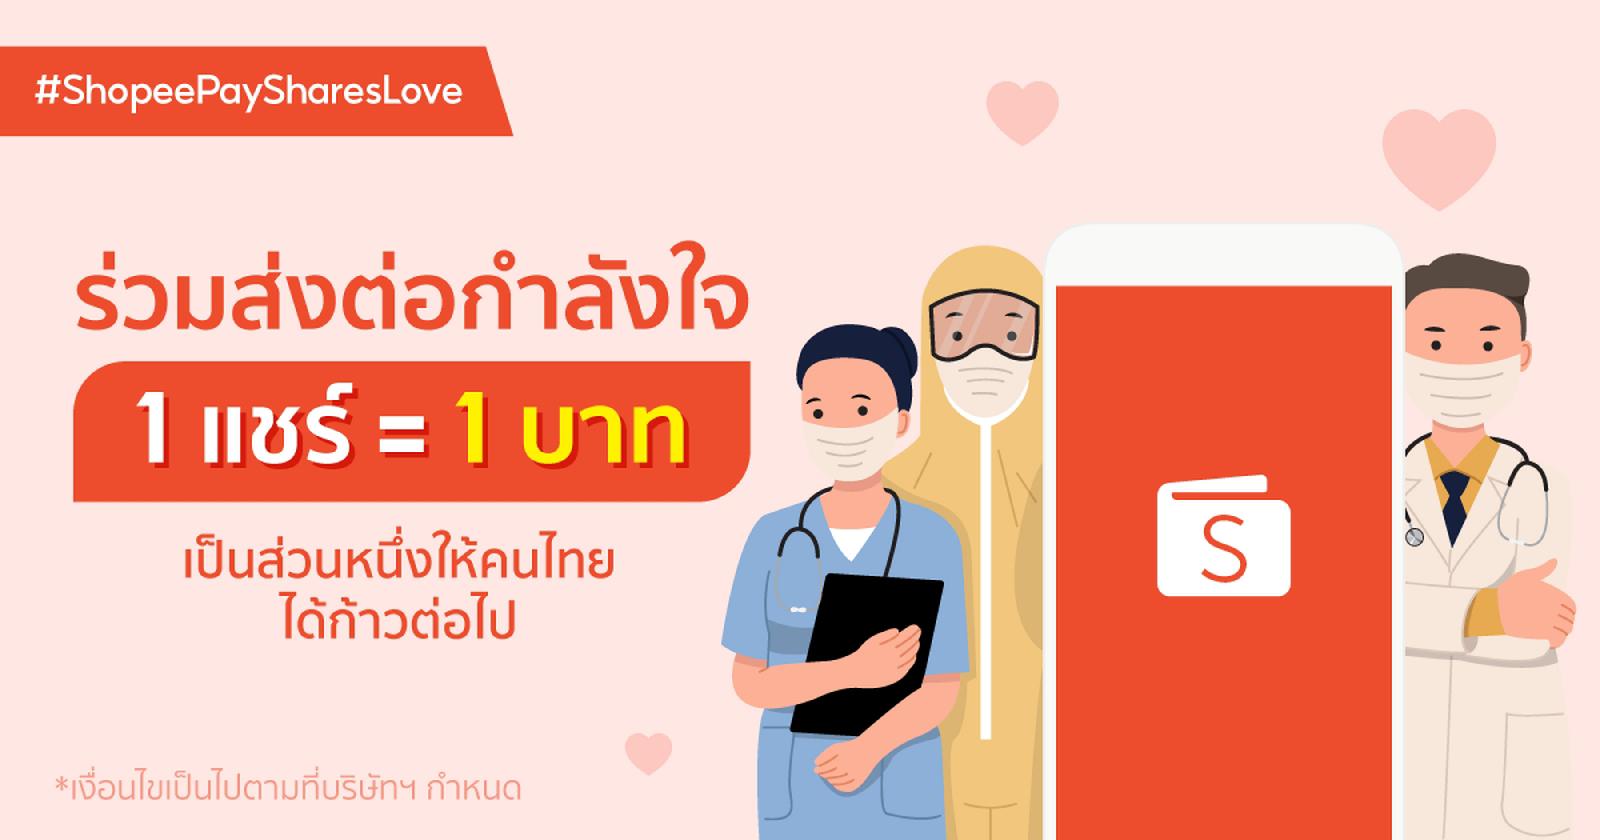 ShopeePay รวมพลังคนไทยสู้ภัยโควิดชวนส่งต่อกำลังใจให้บุคลากรทางการแพทย์ผ่านแคมเปญ ShopeePay Shares Love